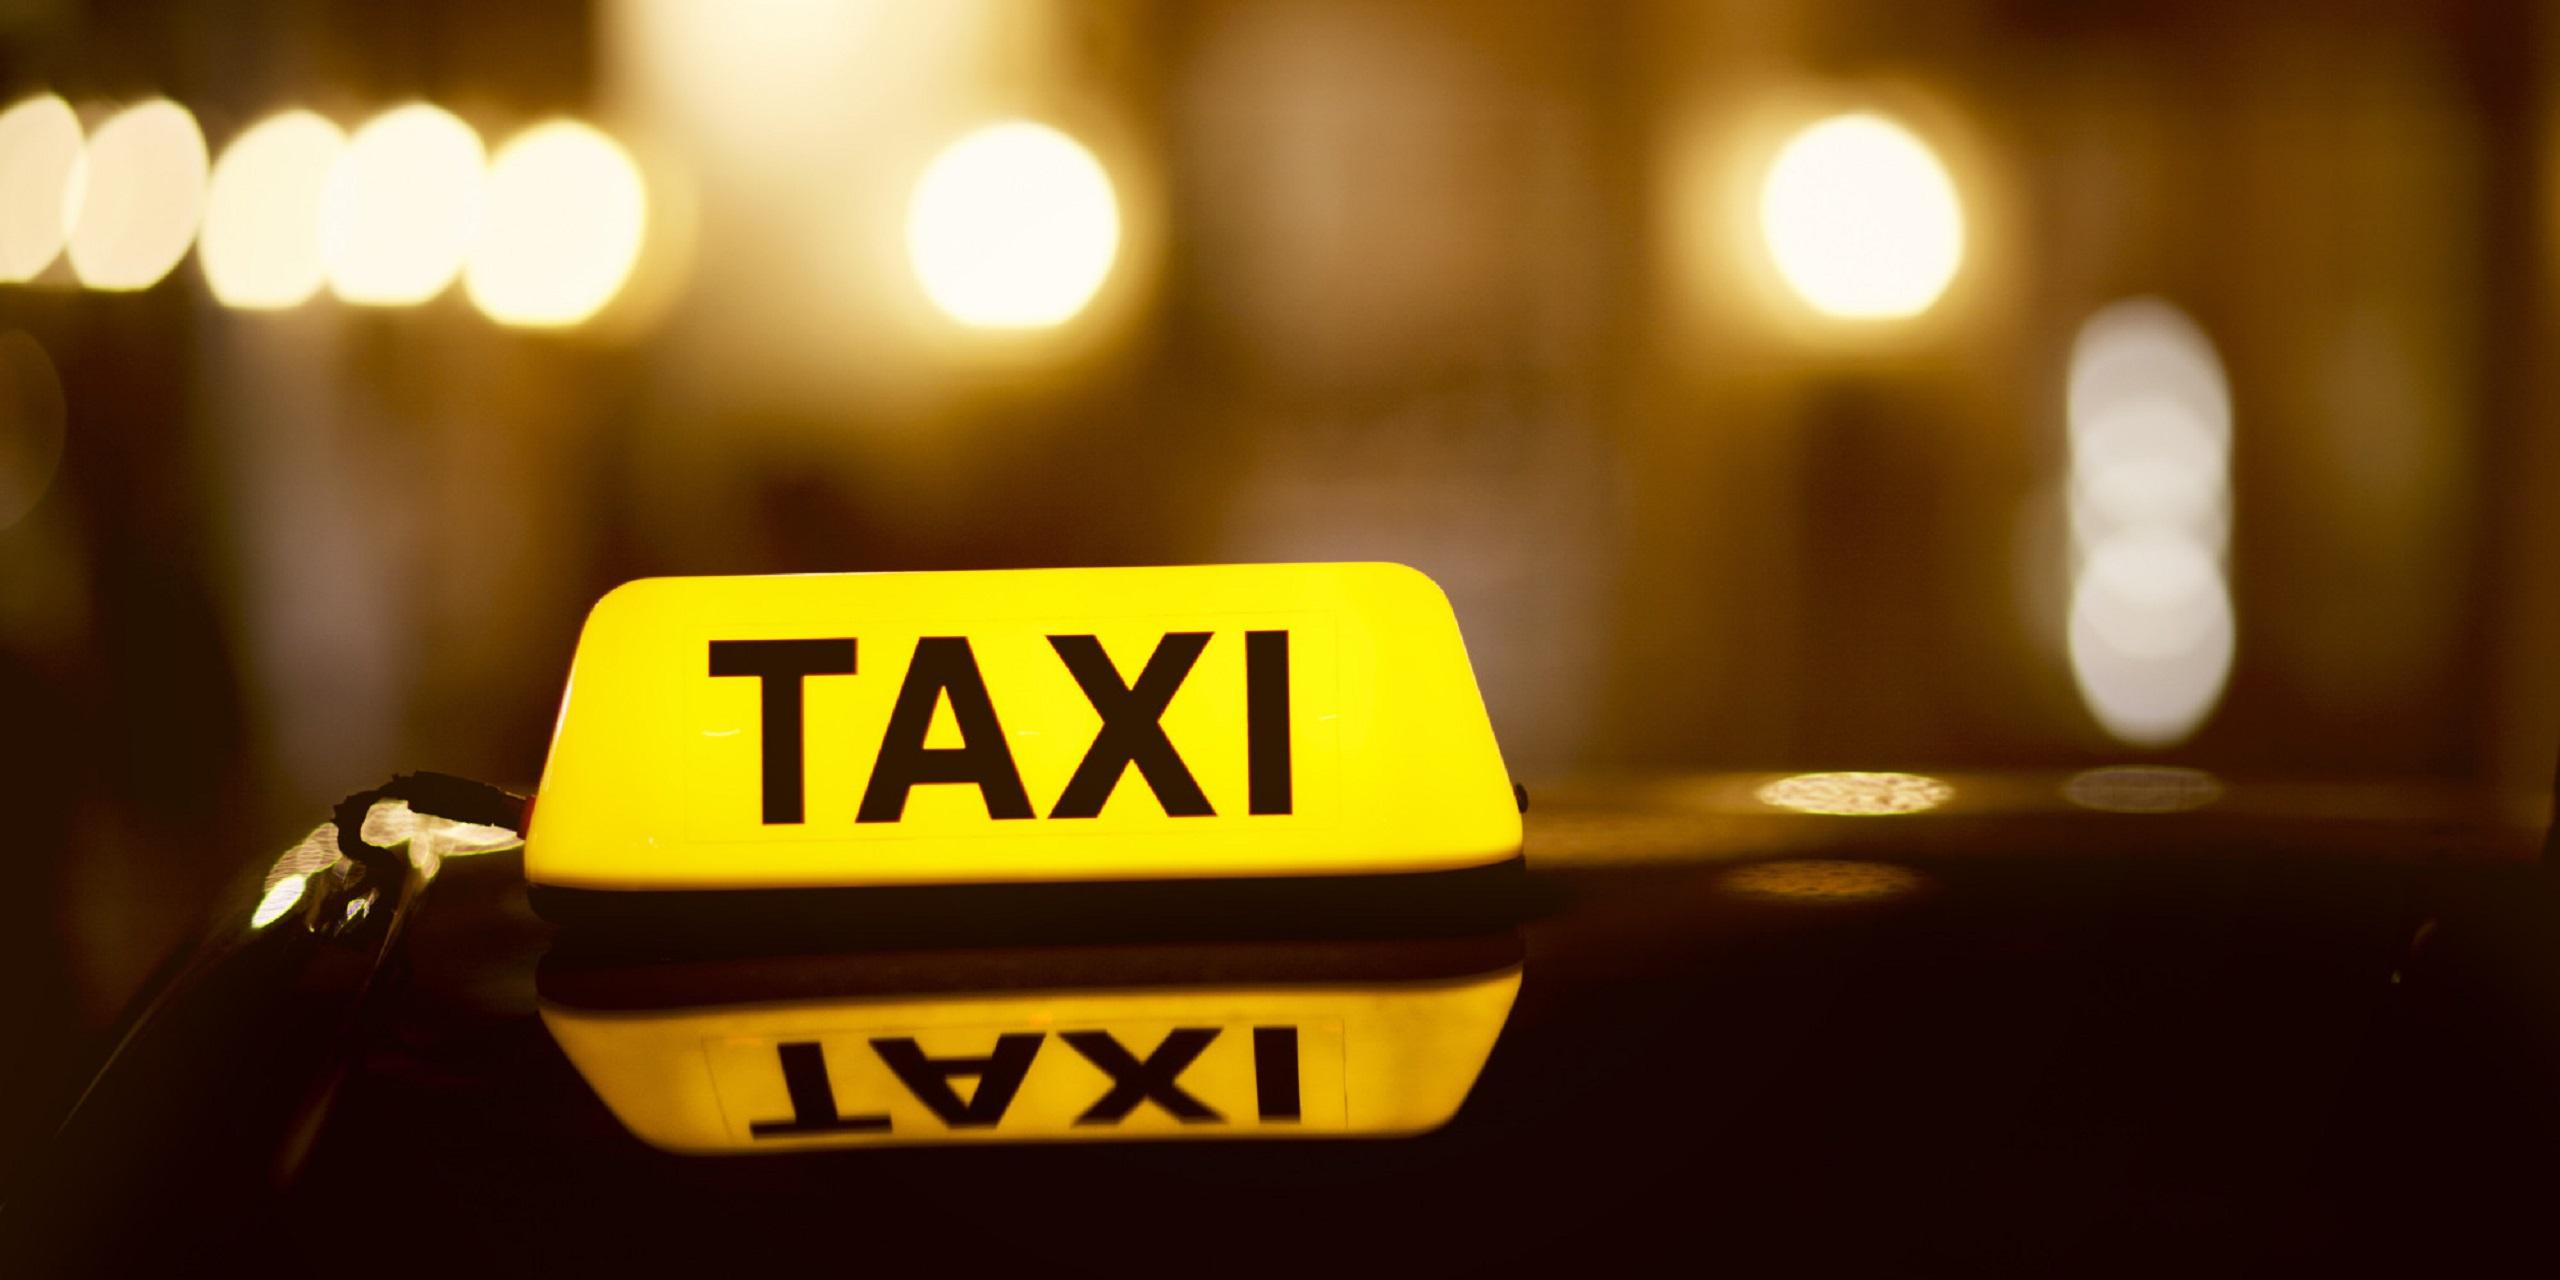 Taxi service in Arnhem